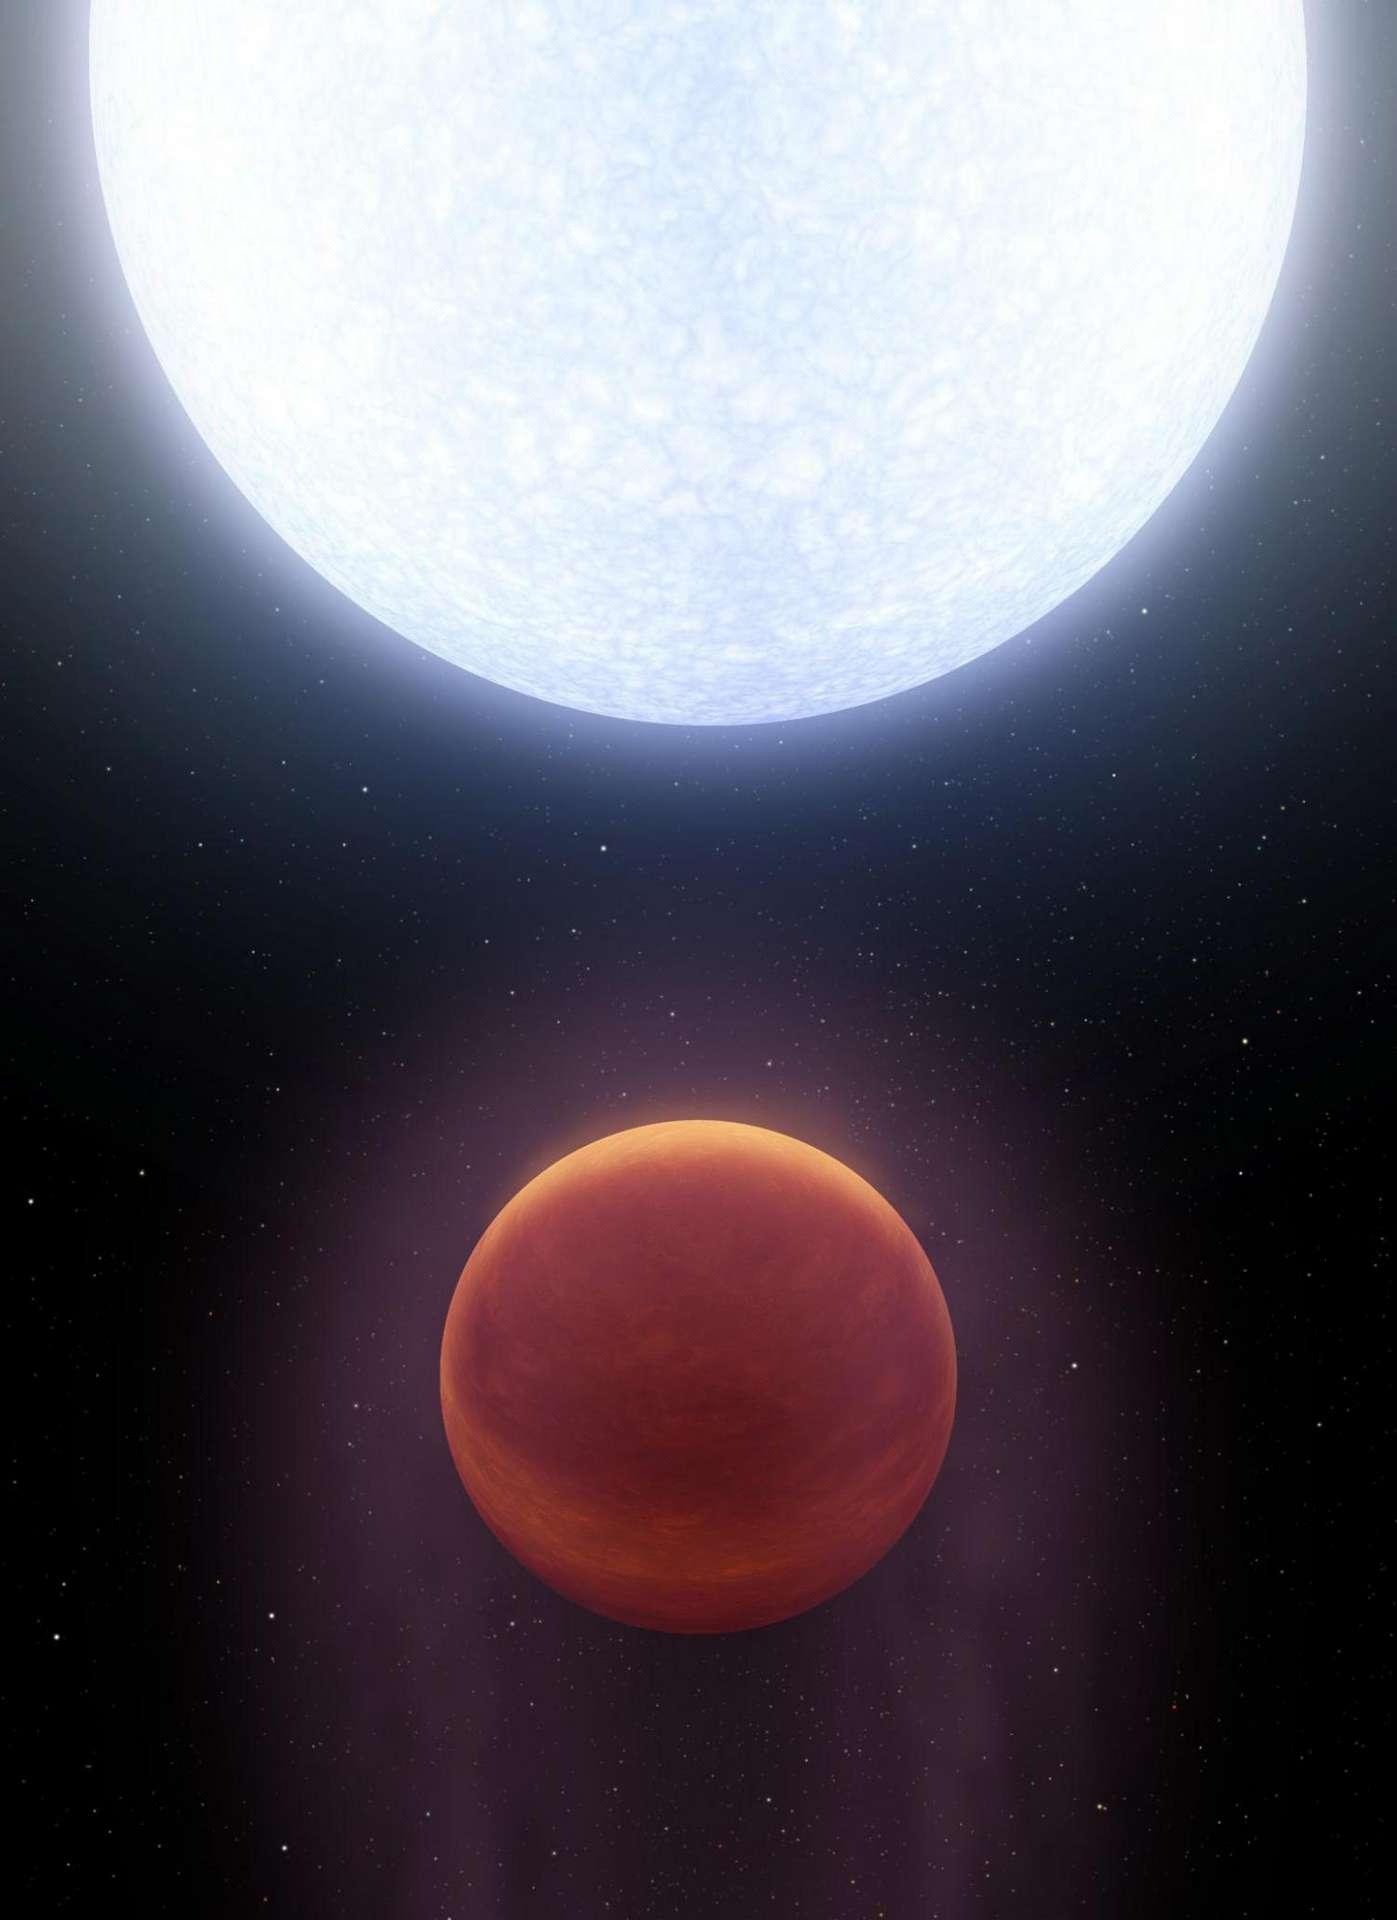 L'étoile Véga a probablement une exoplanète et elle est brulante - Futura